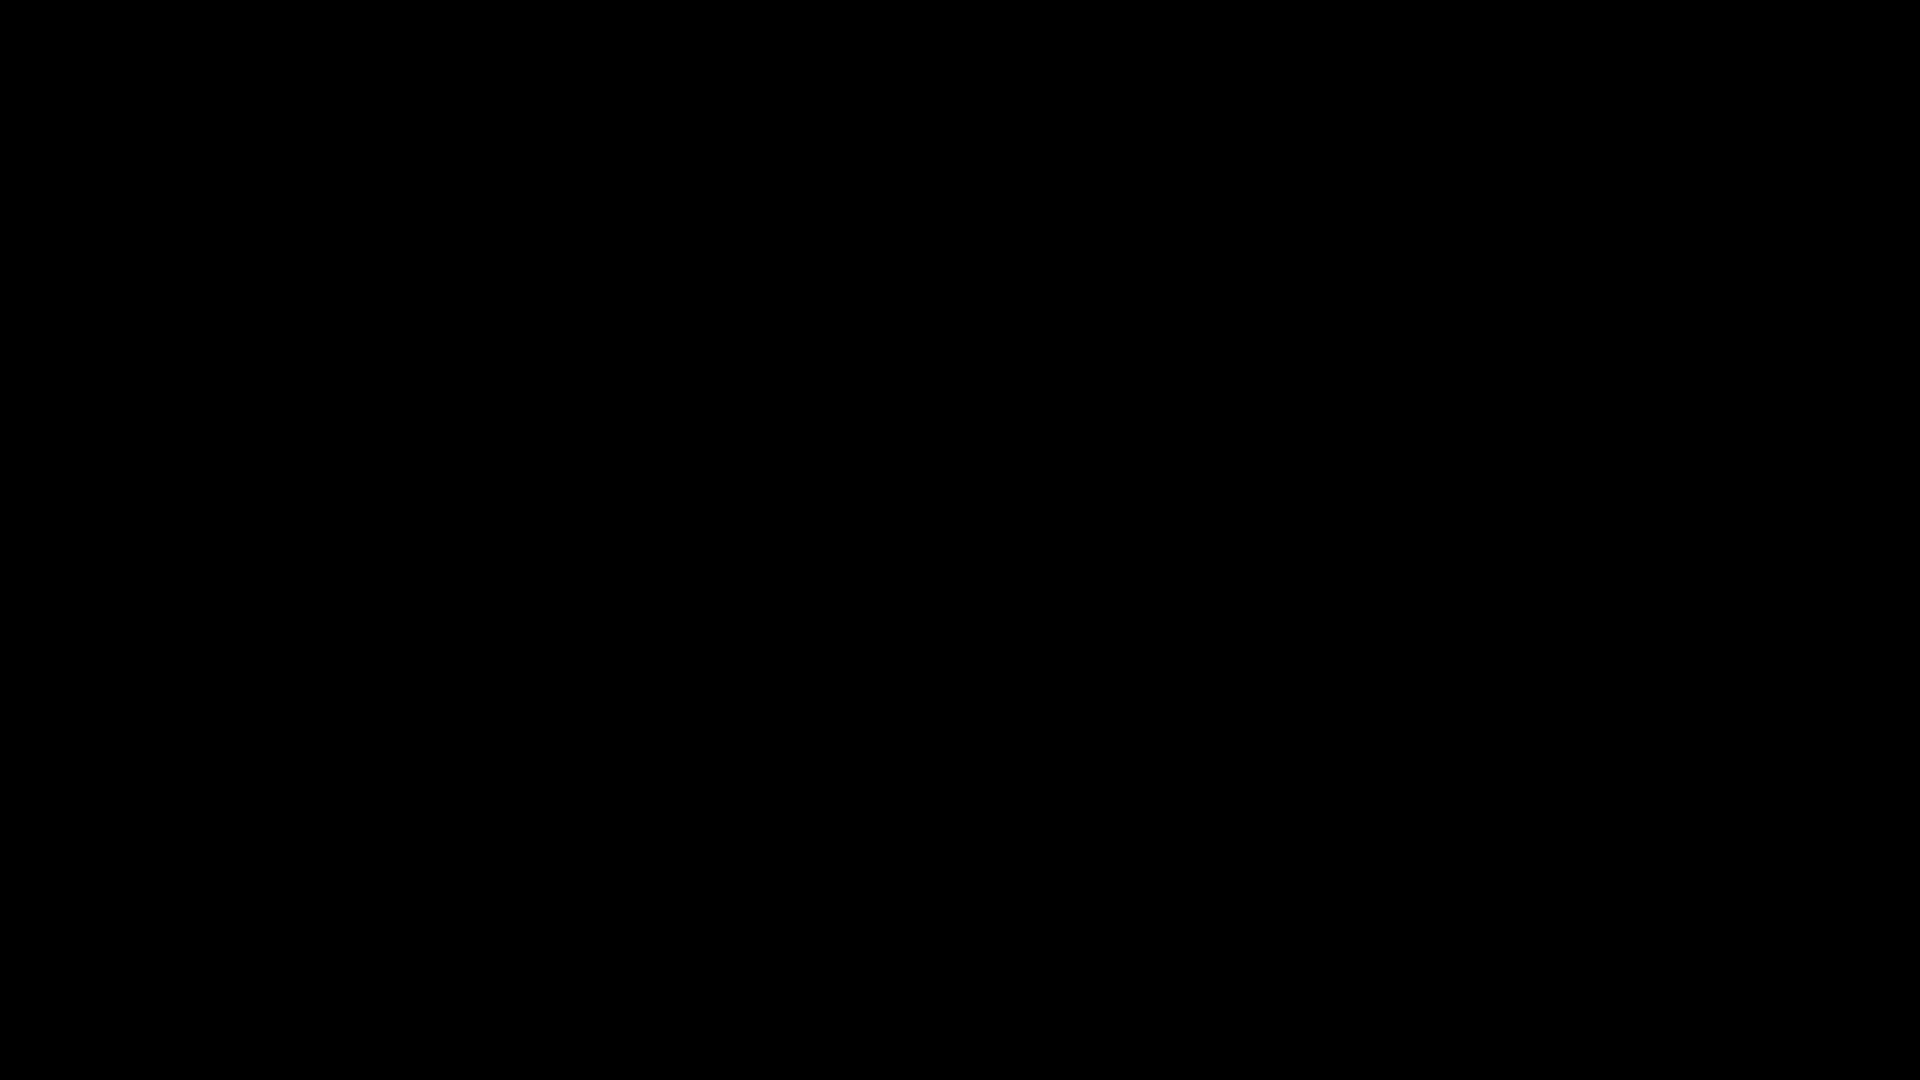 Tuval sürfile işlemeli şapkalar düz ağız 5 Panel kapağı